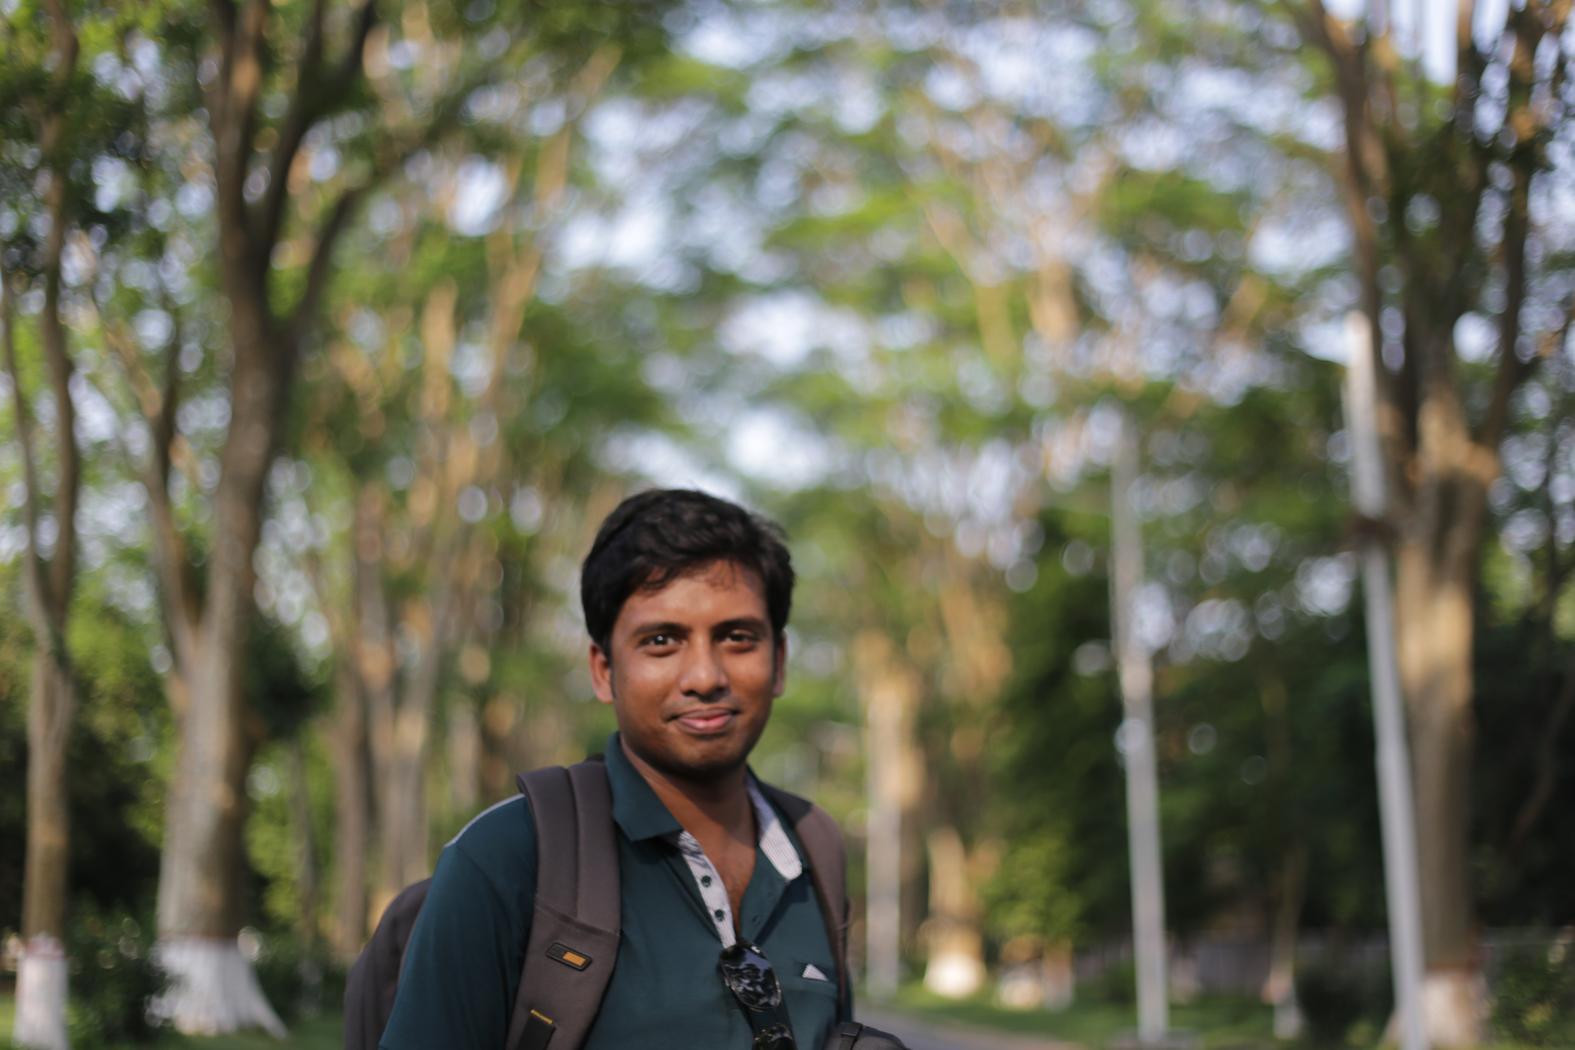 Shahriar Iqbal Chowdhury